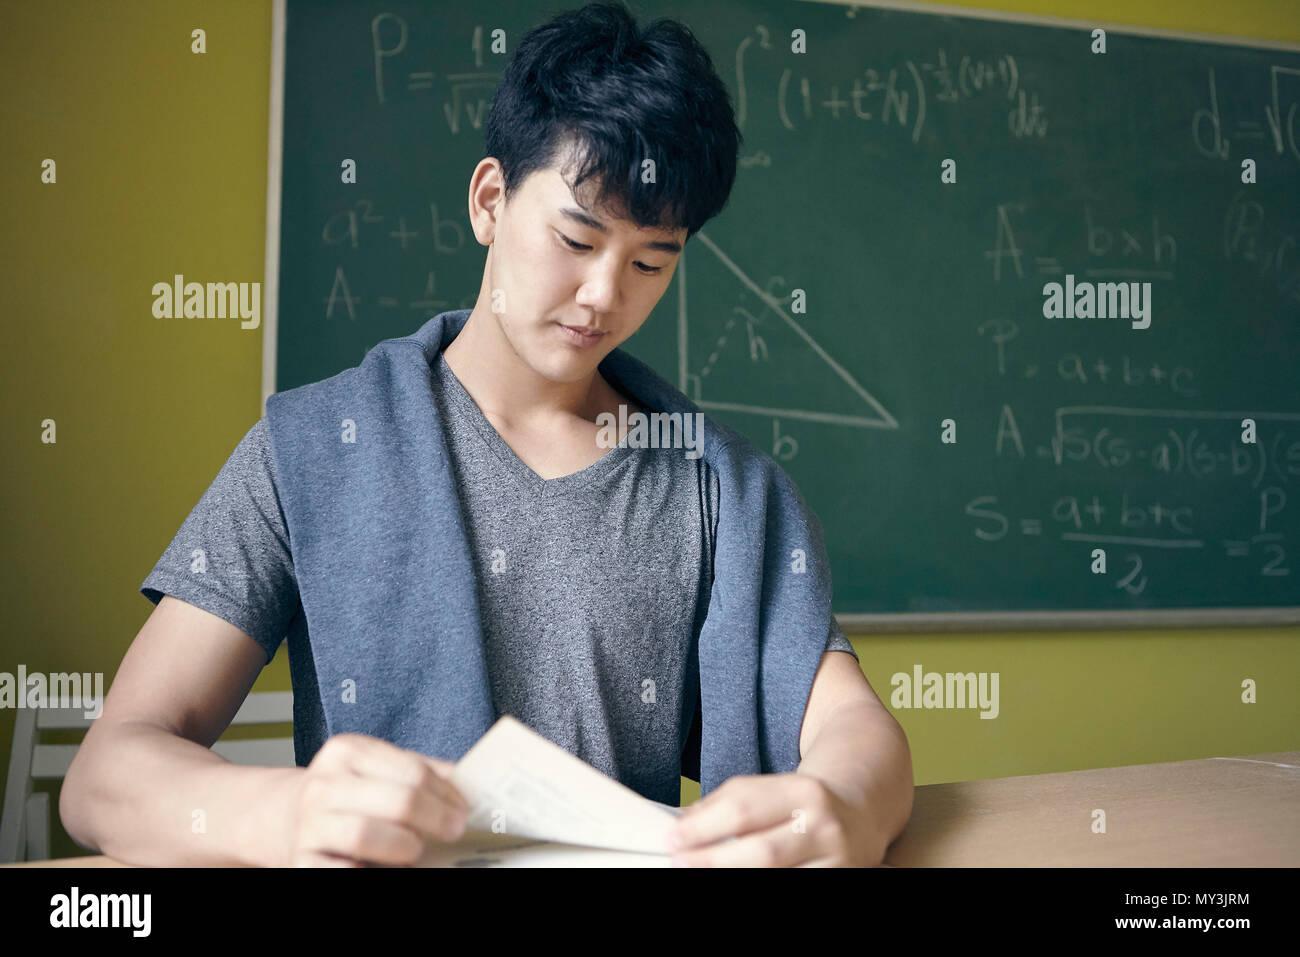 Giovane uomo che studiano in classe math Immagini Stock